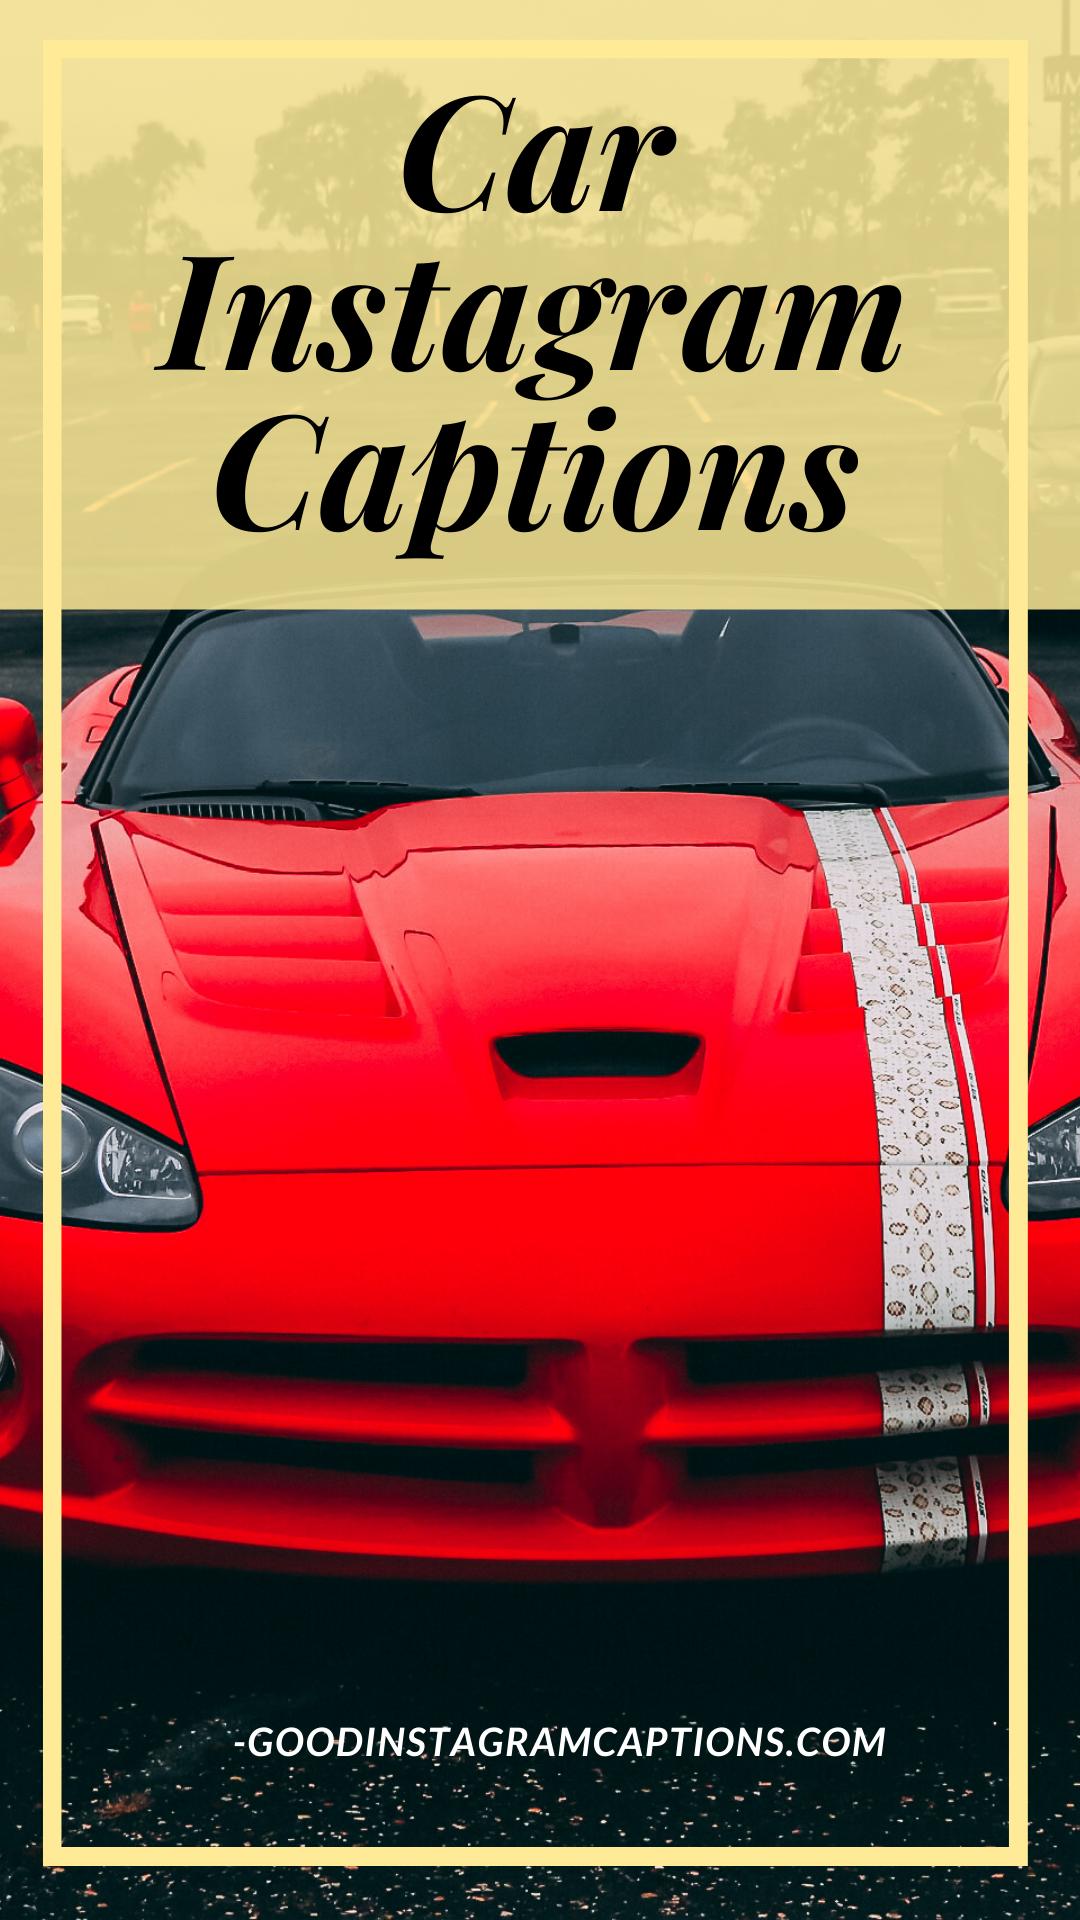 Top 82 New Car Instagram Captions Funny Car Quotes And Status Instagram Captions Car Quotes For Instagram New Car Quotes